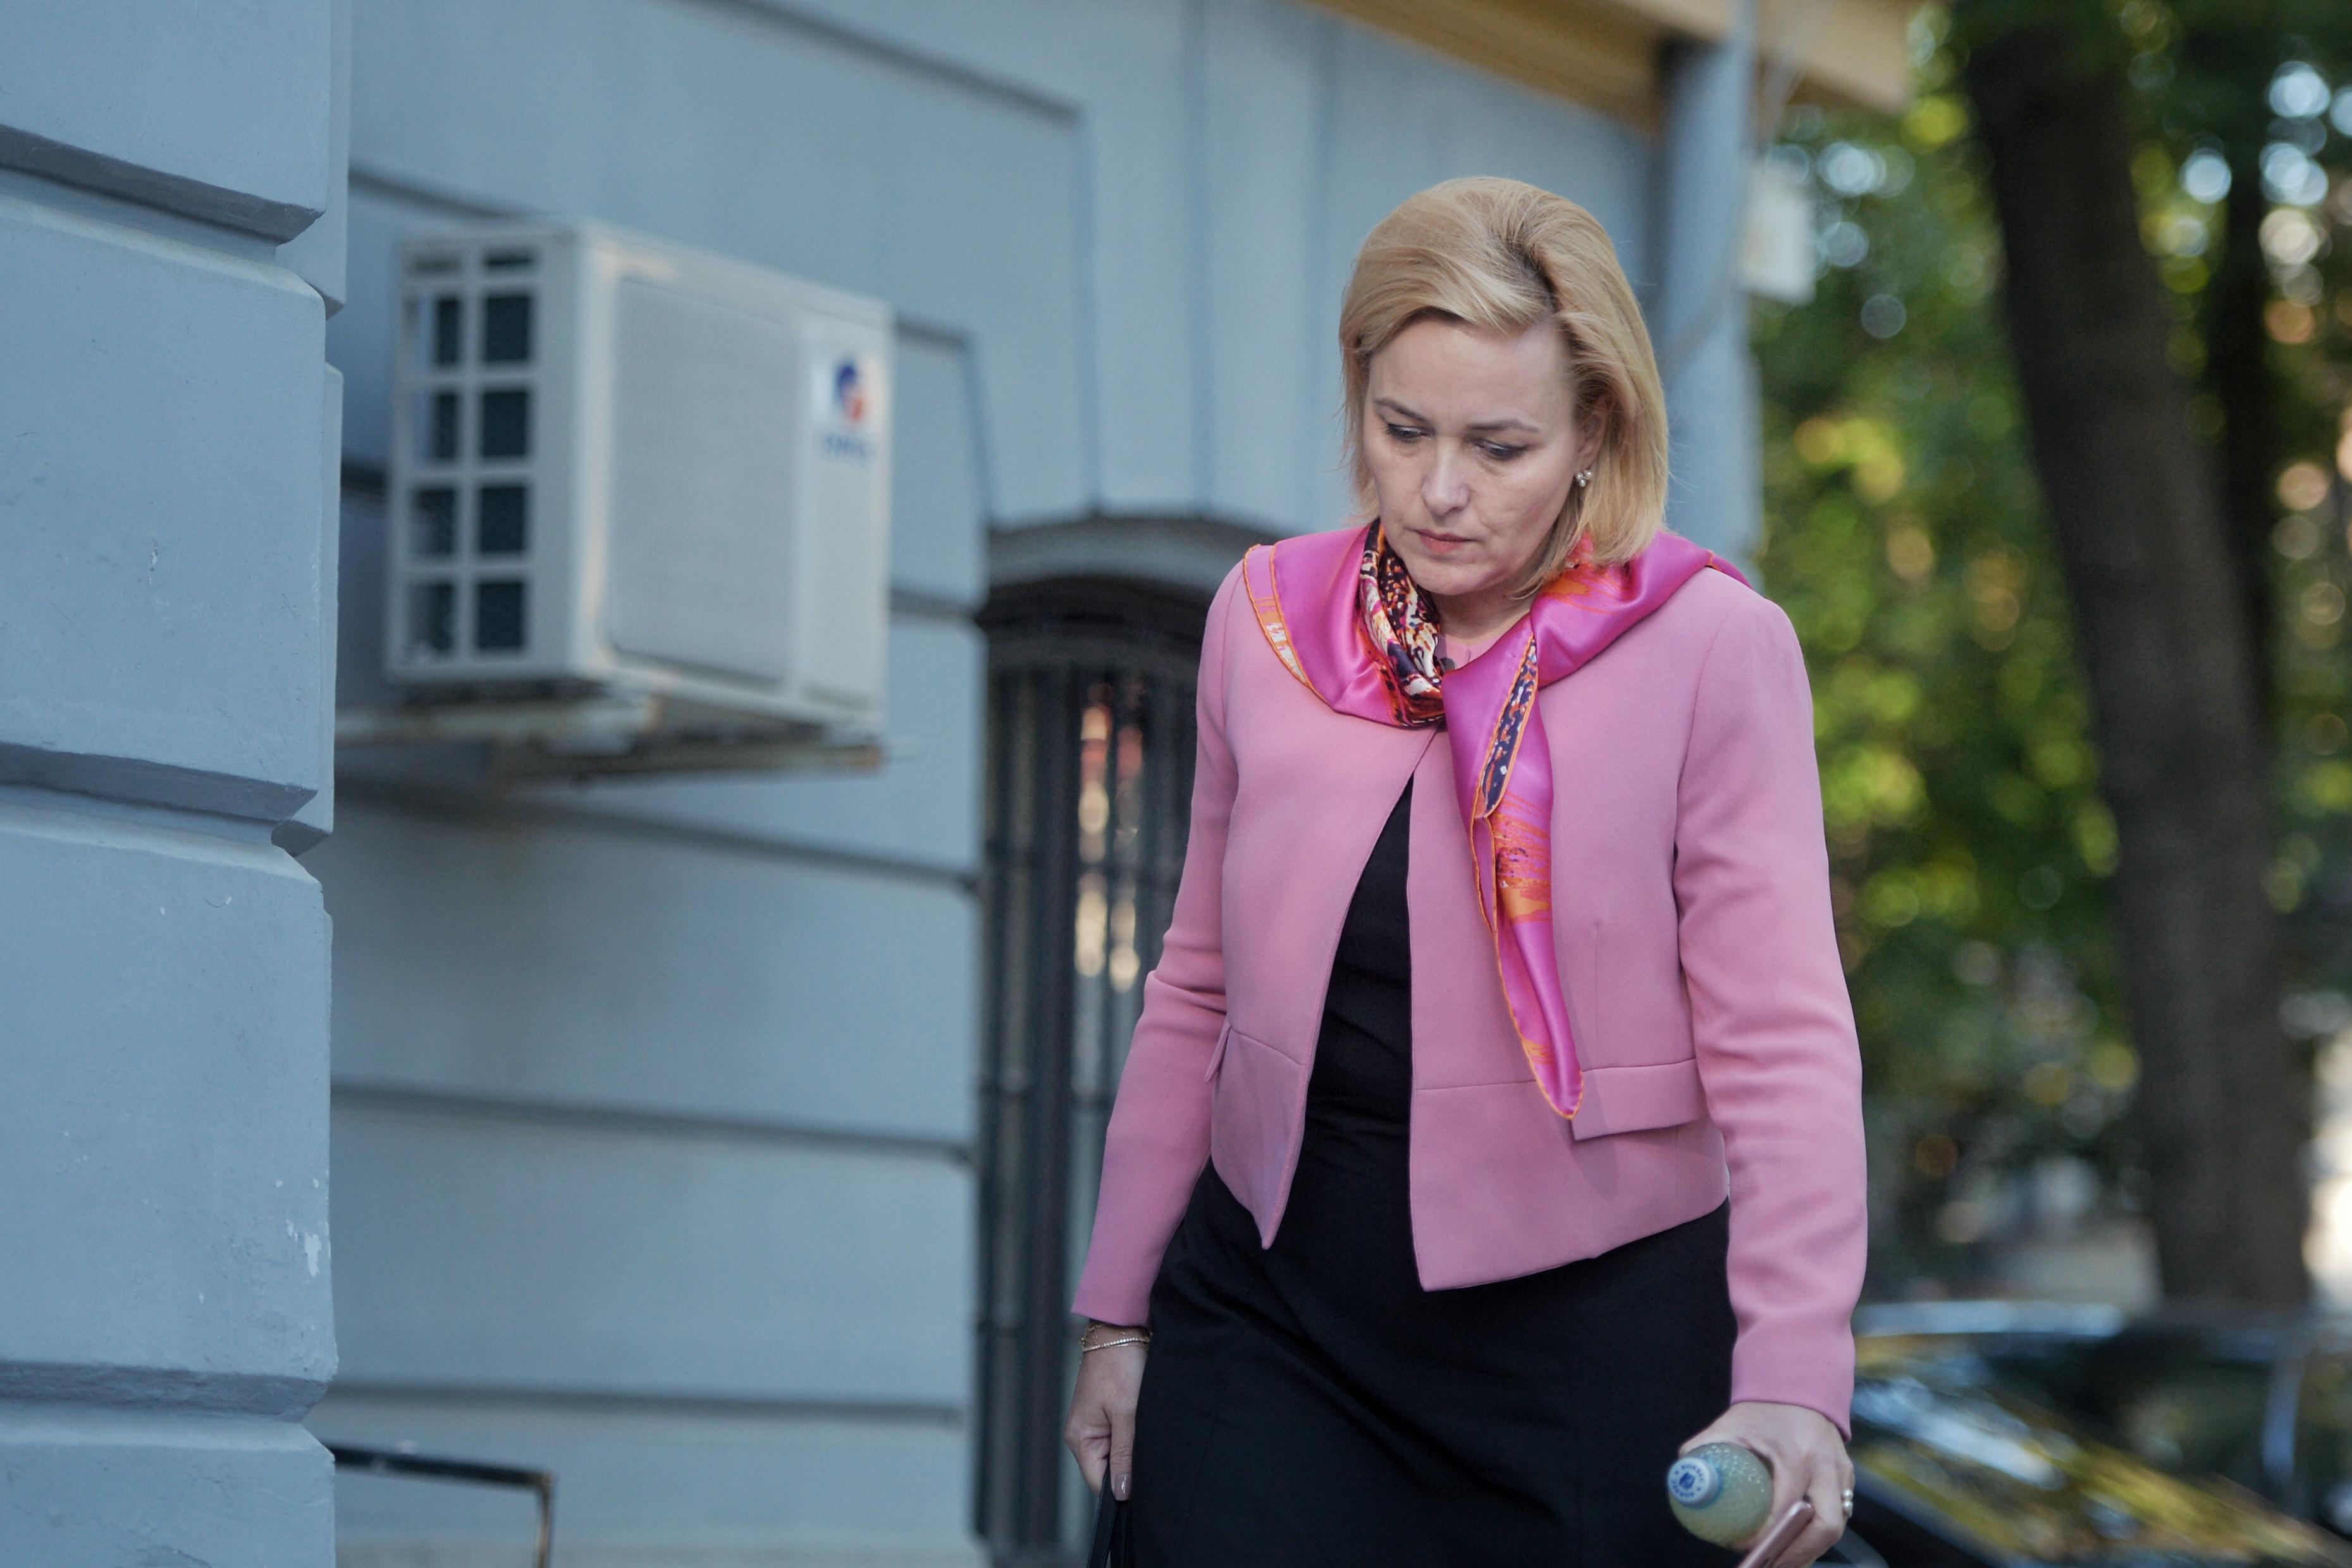 Carmen Dan, ministrul de Interne: Am găsit în locuinţa mea un dispozitiv de înregistrare. Am sesizat poliţia